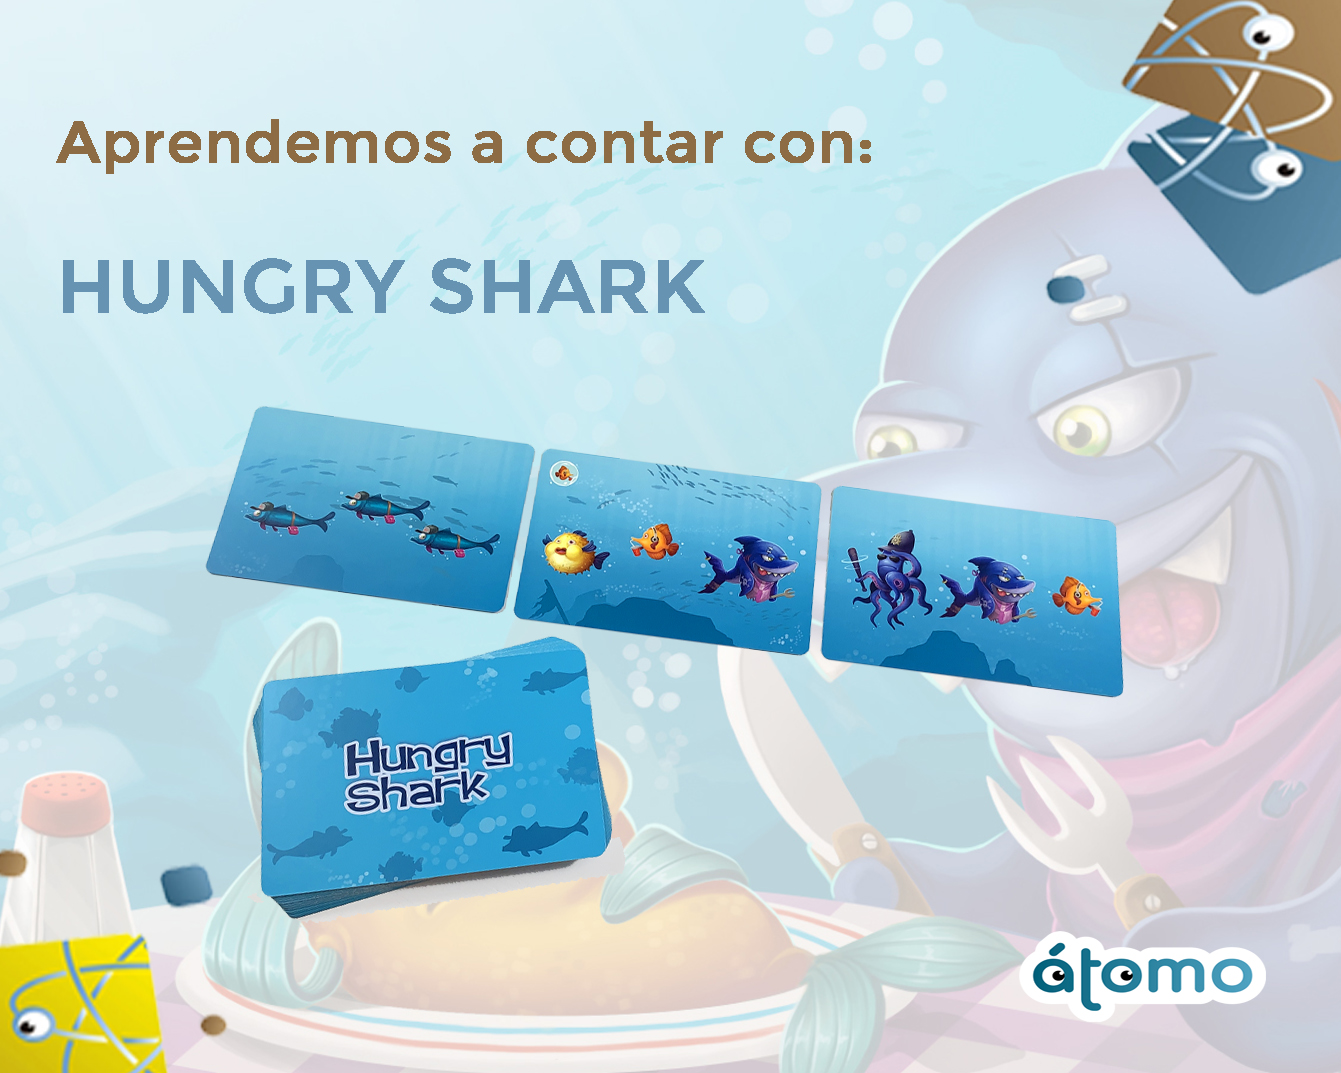 Aprendemos a contar jugando: Hungry Shark